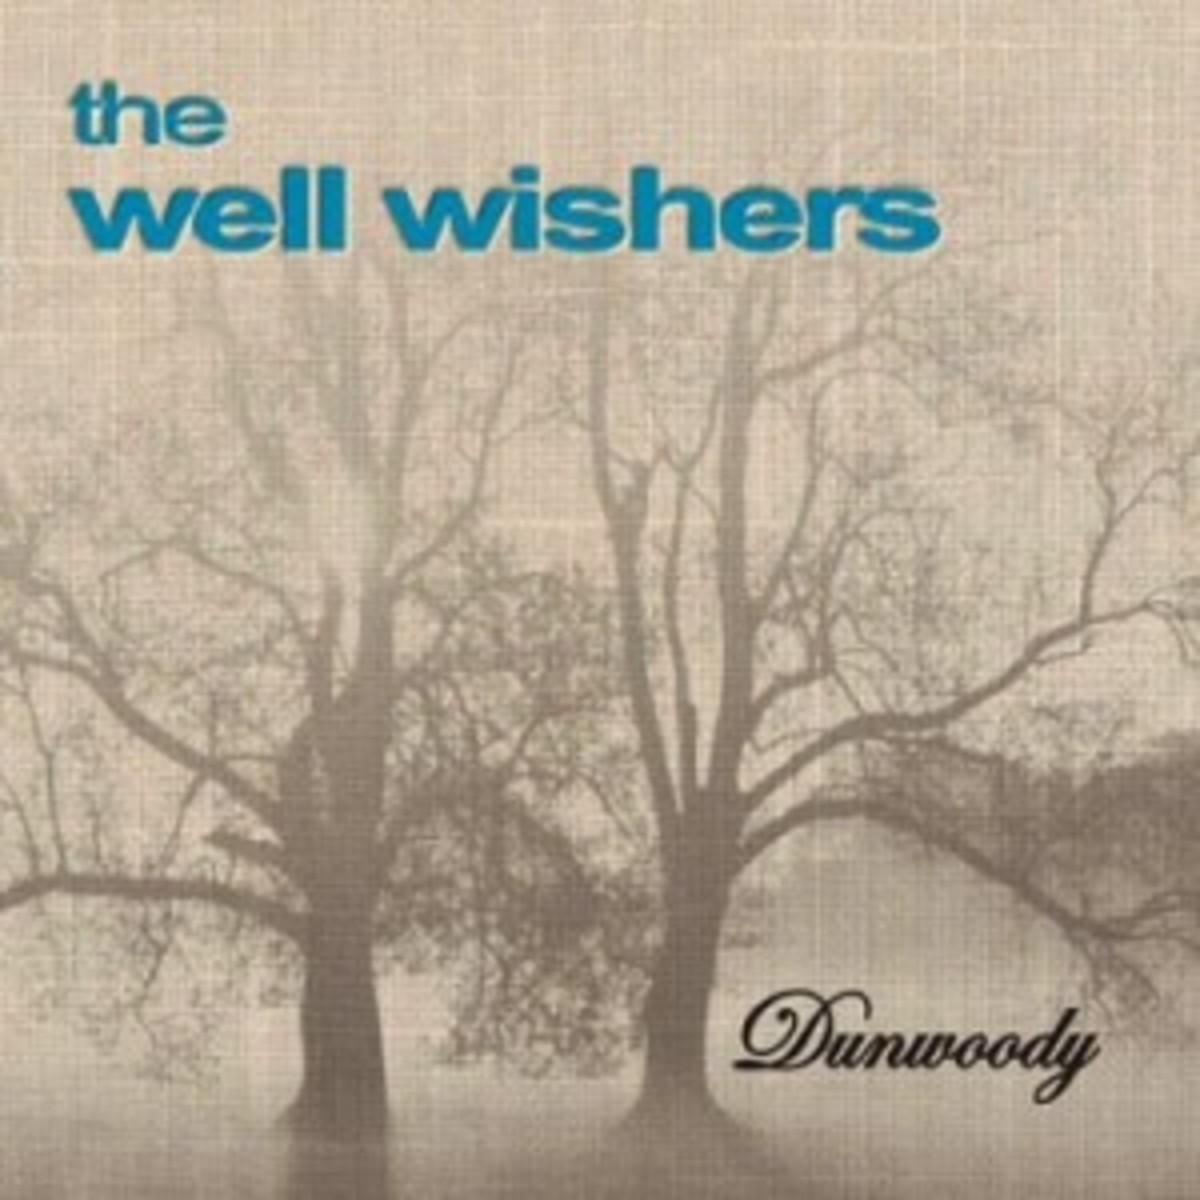 wellwishers_dunwoody